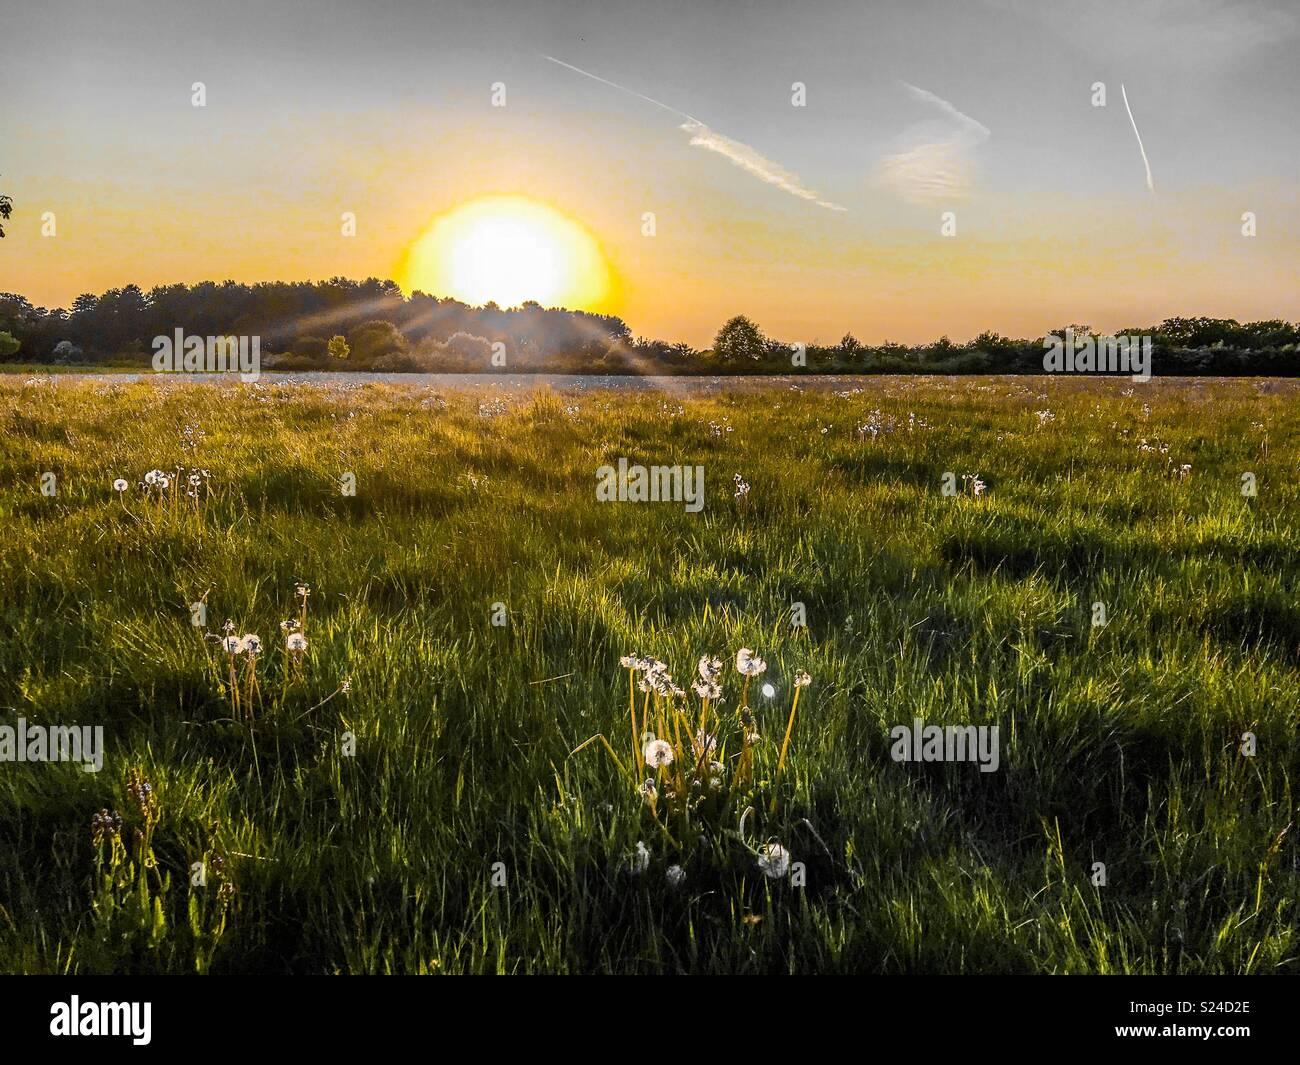 Pays de marche au coucher du soleil Photo Stock